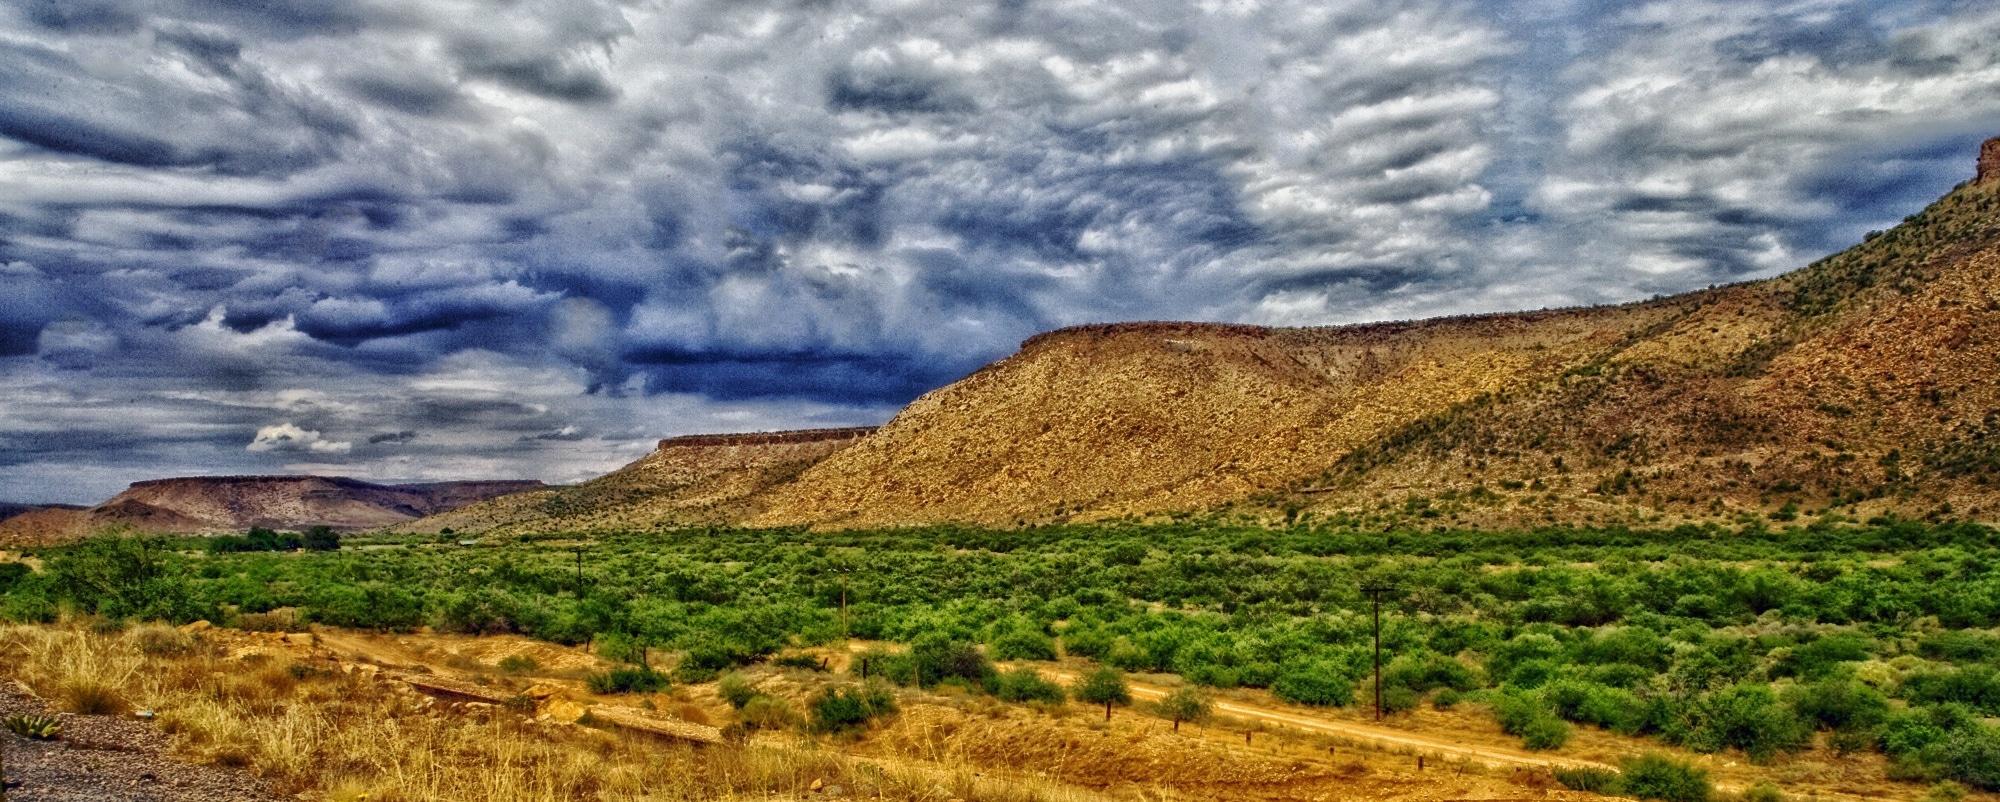 arizona-397749 wide